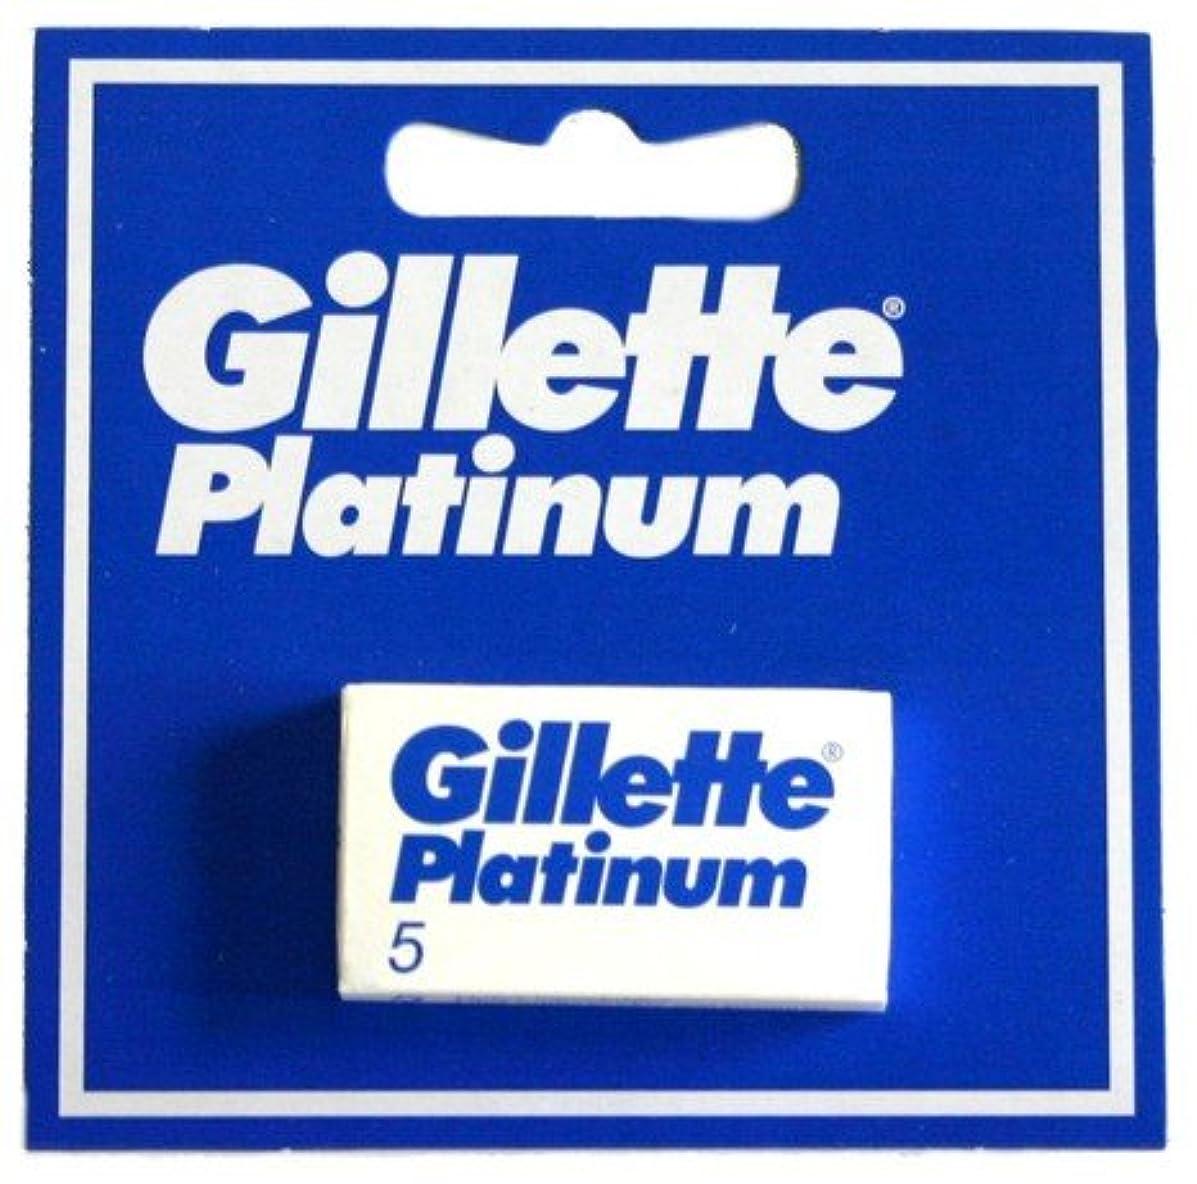 損失貨物微弱Gillette Platinum [プレミアムホワイトボックス版!] ジレット プラチナ 両刃替刃 50個入り (5*10) [海外直送品] [並行輸入品]